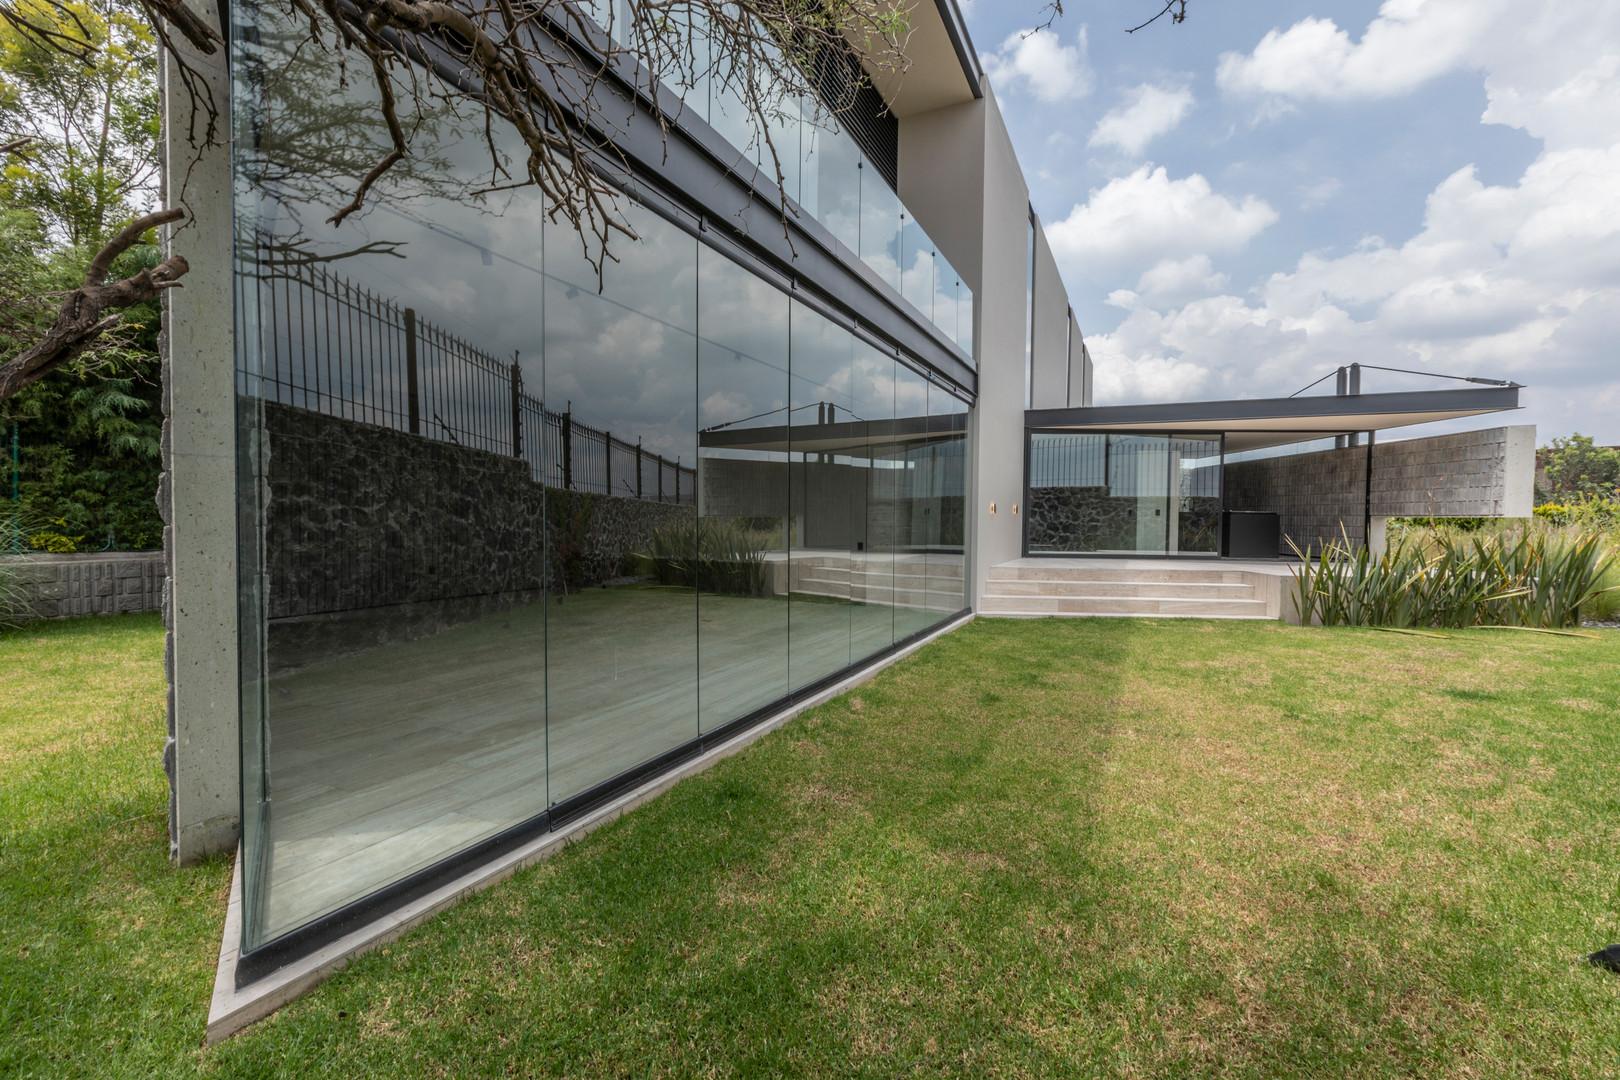 Laboratorio de Arquitectura_ LAB [arq]_Congregación